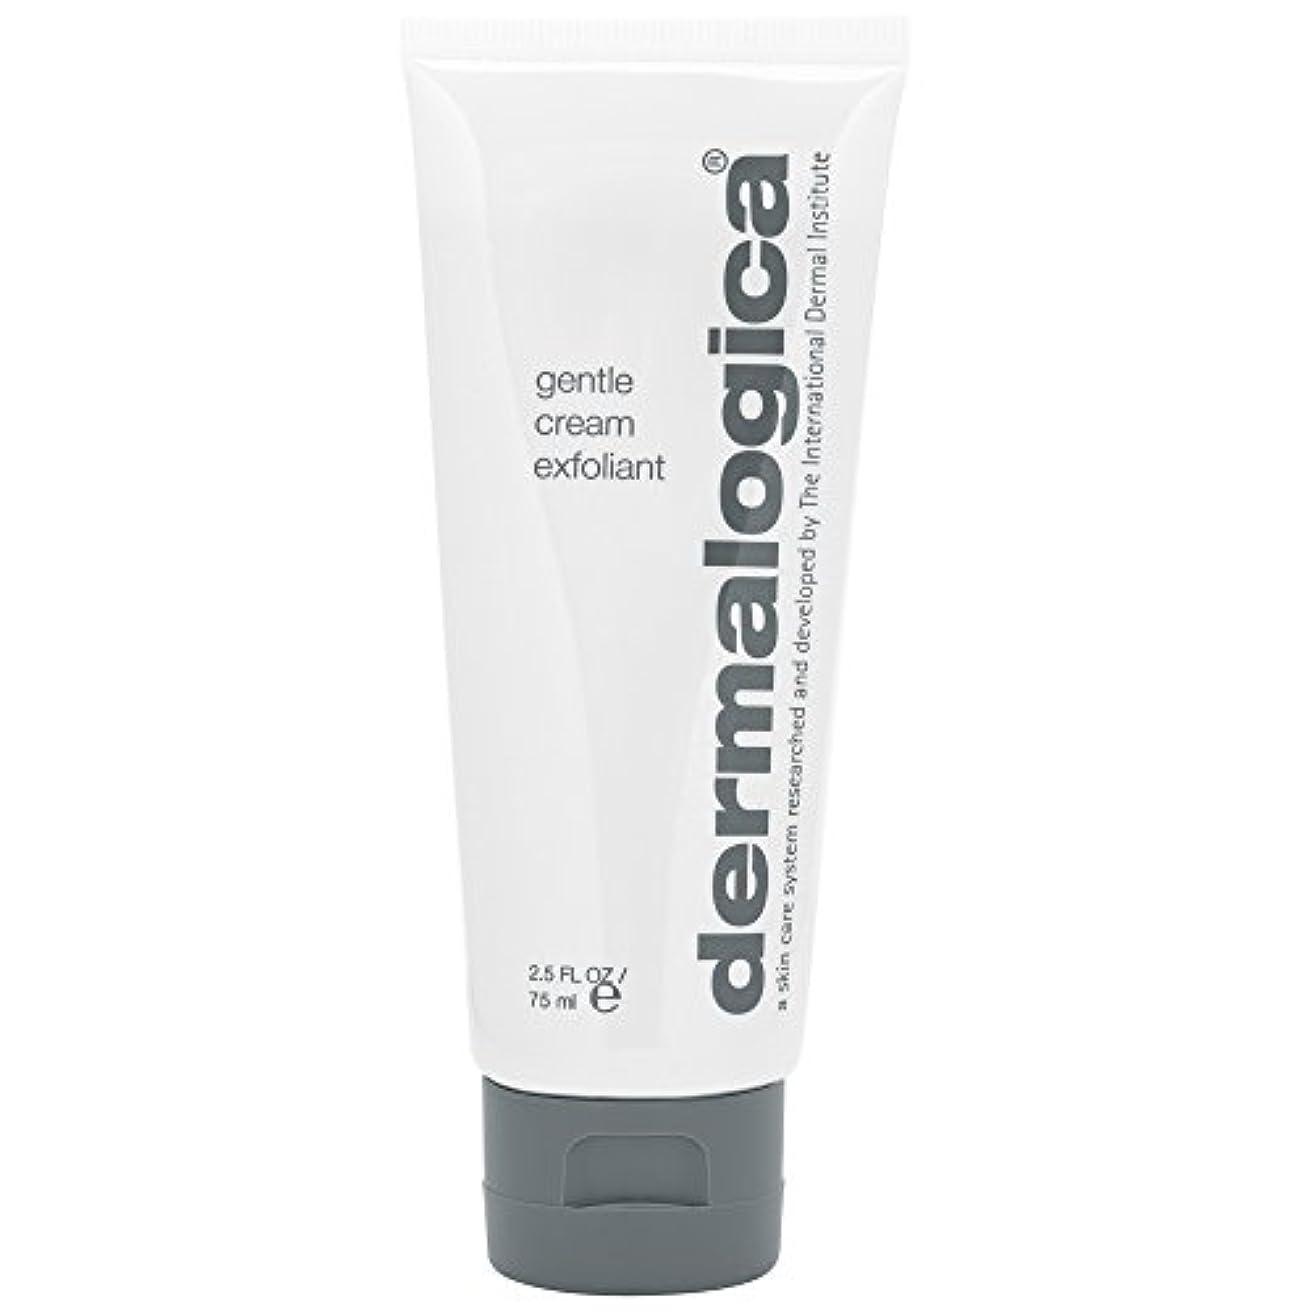 ダーマロジカ優しいクリーム剥脱75ミリリットル (Dermalogica) - Dermalogica Gentle Cream Exfoliant 75ml [並行輸入品]